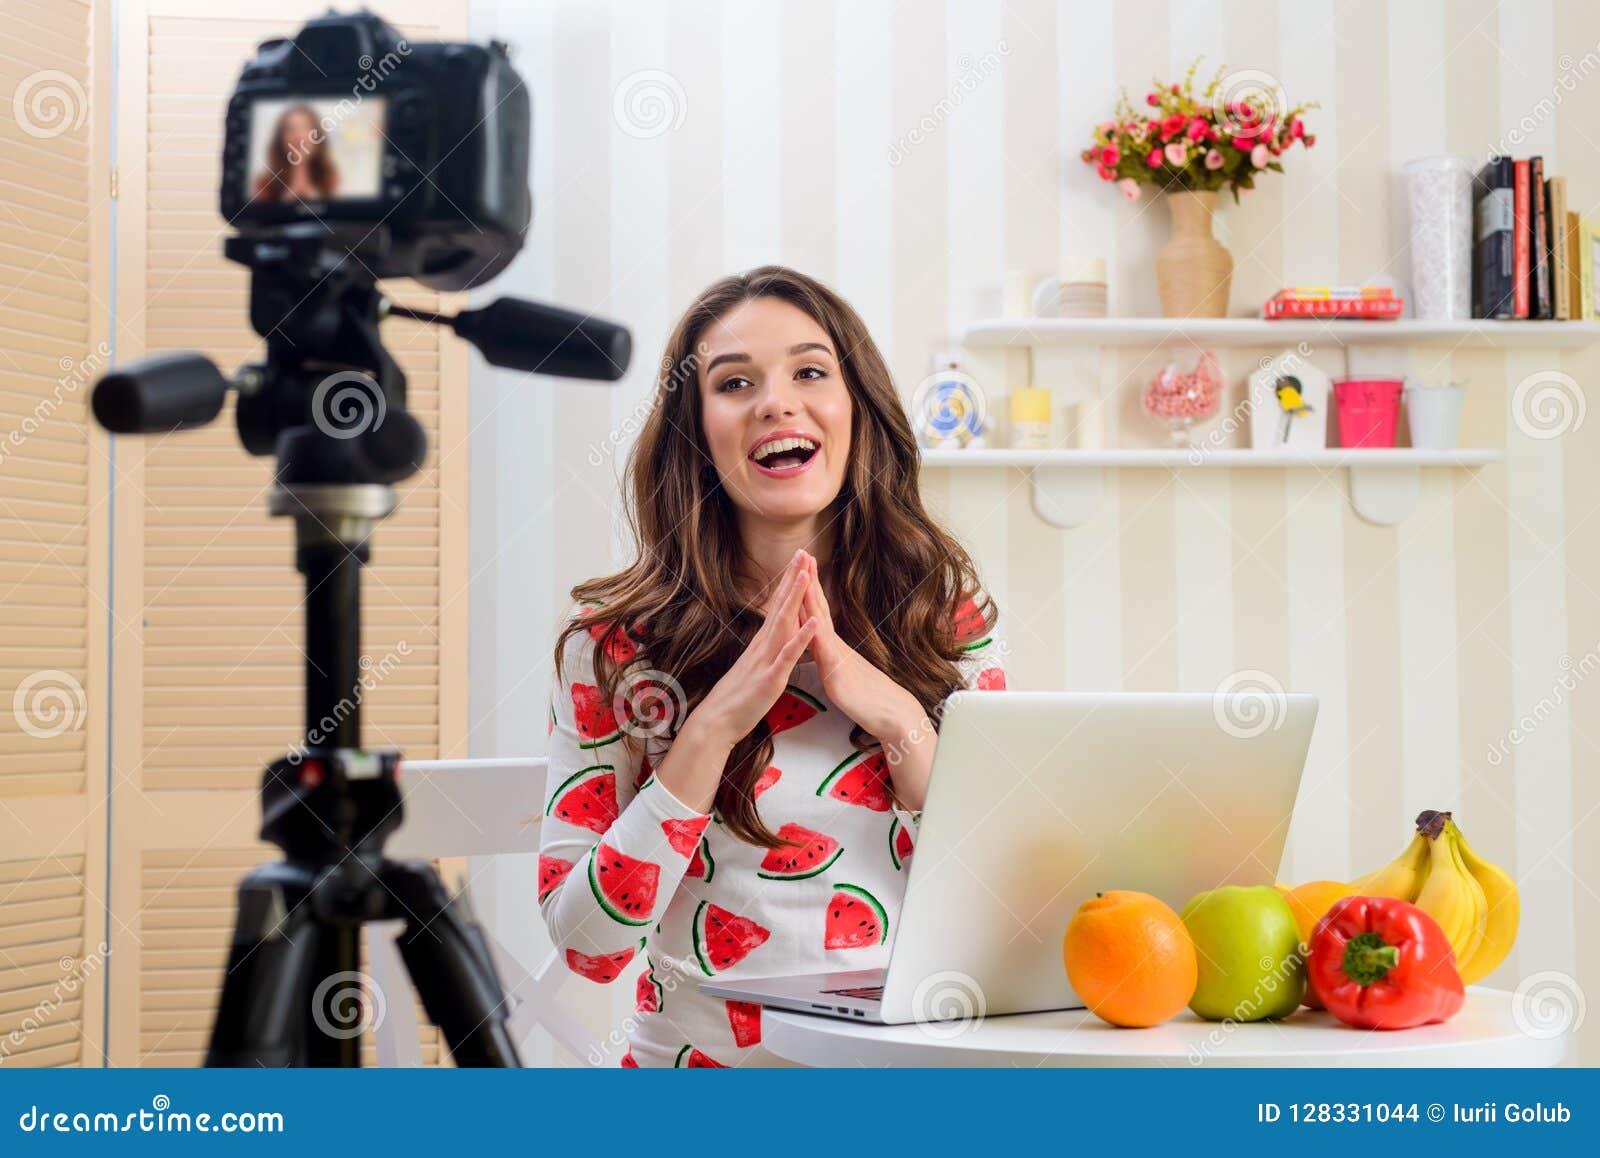 Blogger neemt video van zich